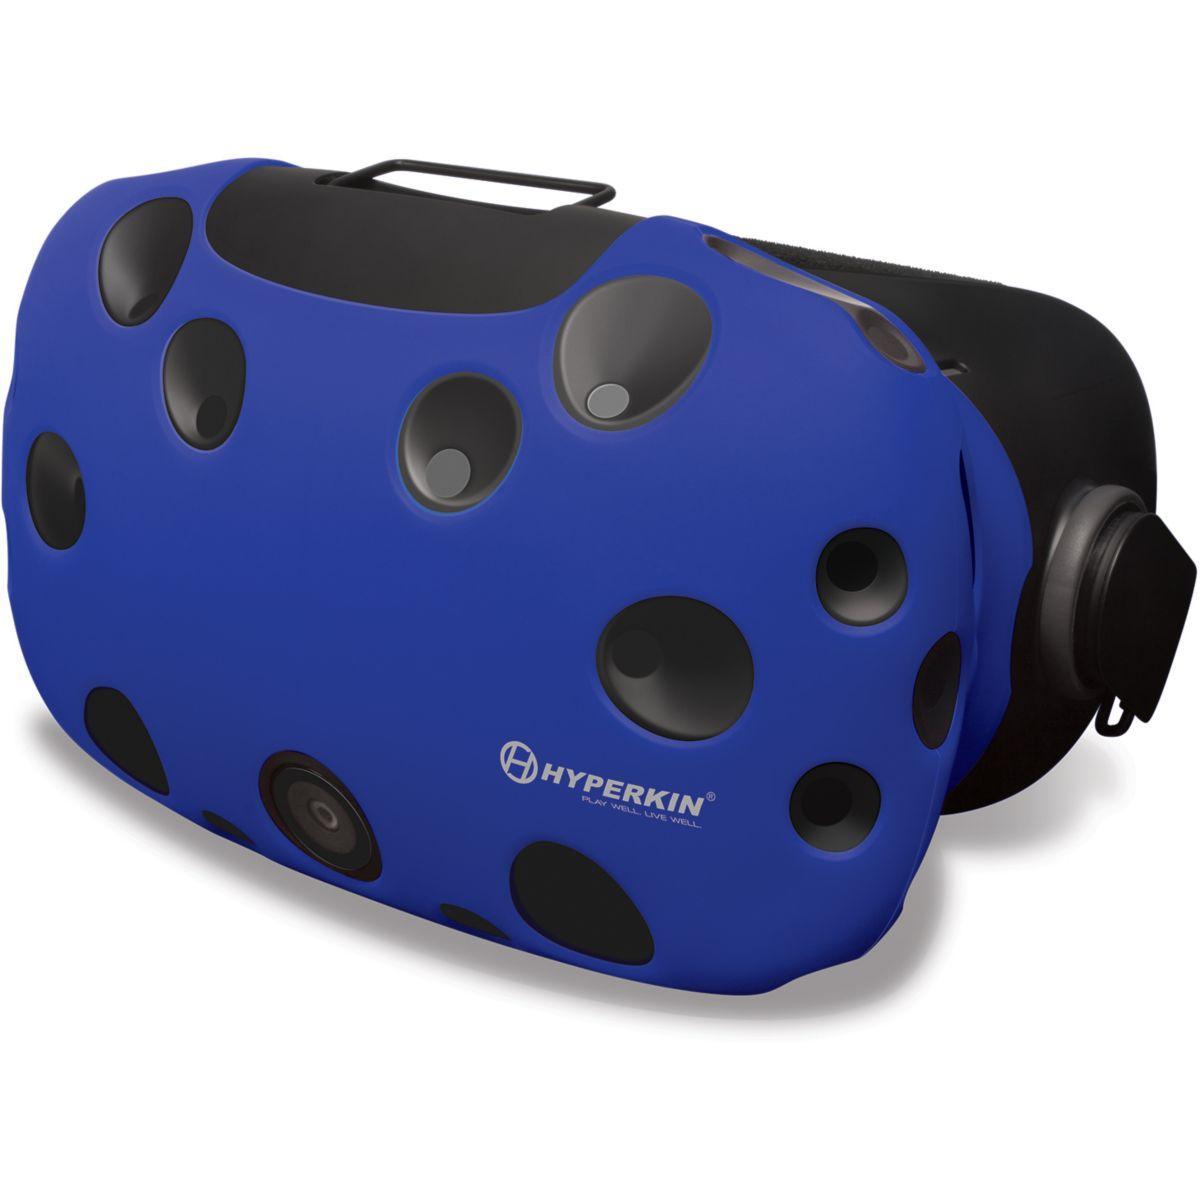 Protection casque hyperkin housse silicone bleue pour htc vive - 2% de remise imm�diate avec le code : automne2 (photo)